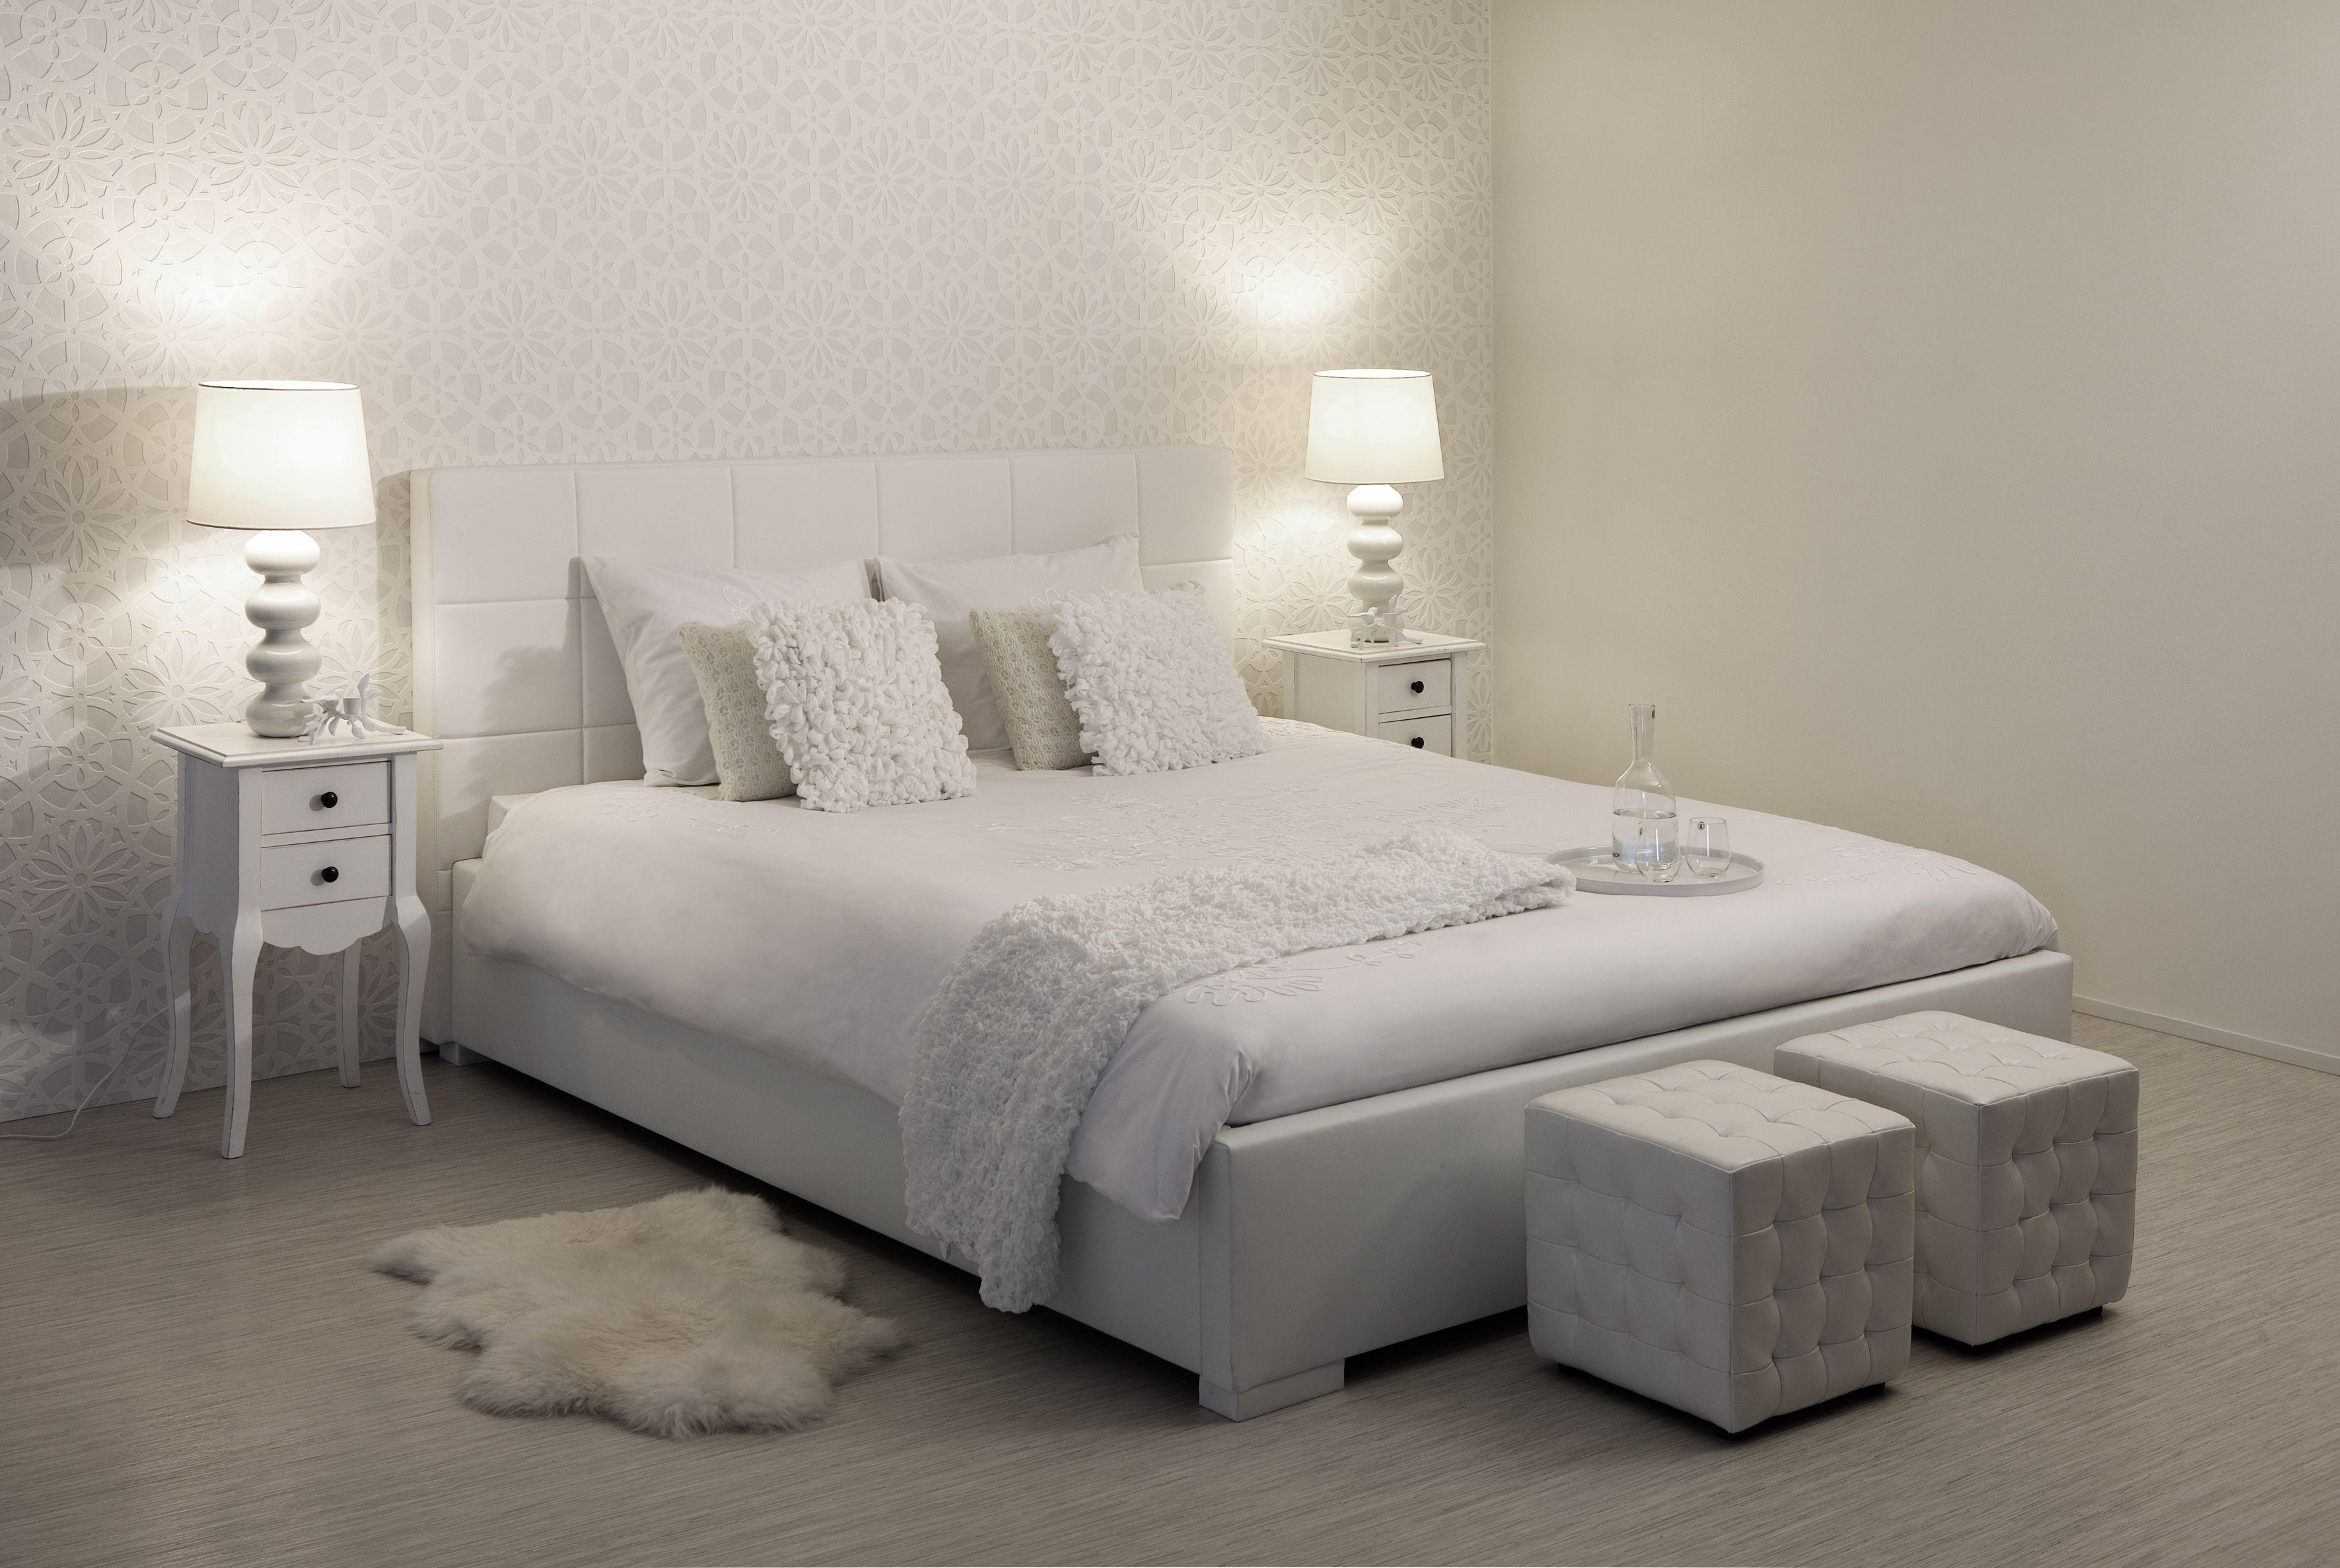 Wat is de levensduur van een bed? - Droommeubel